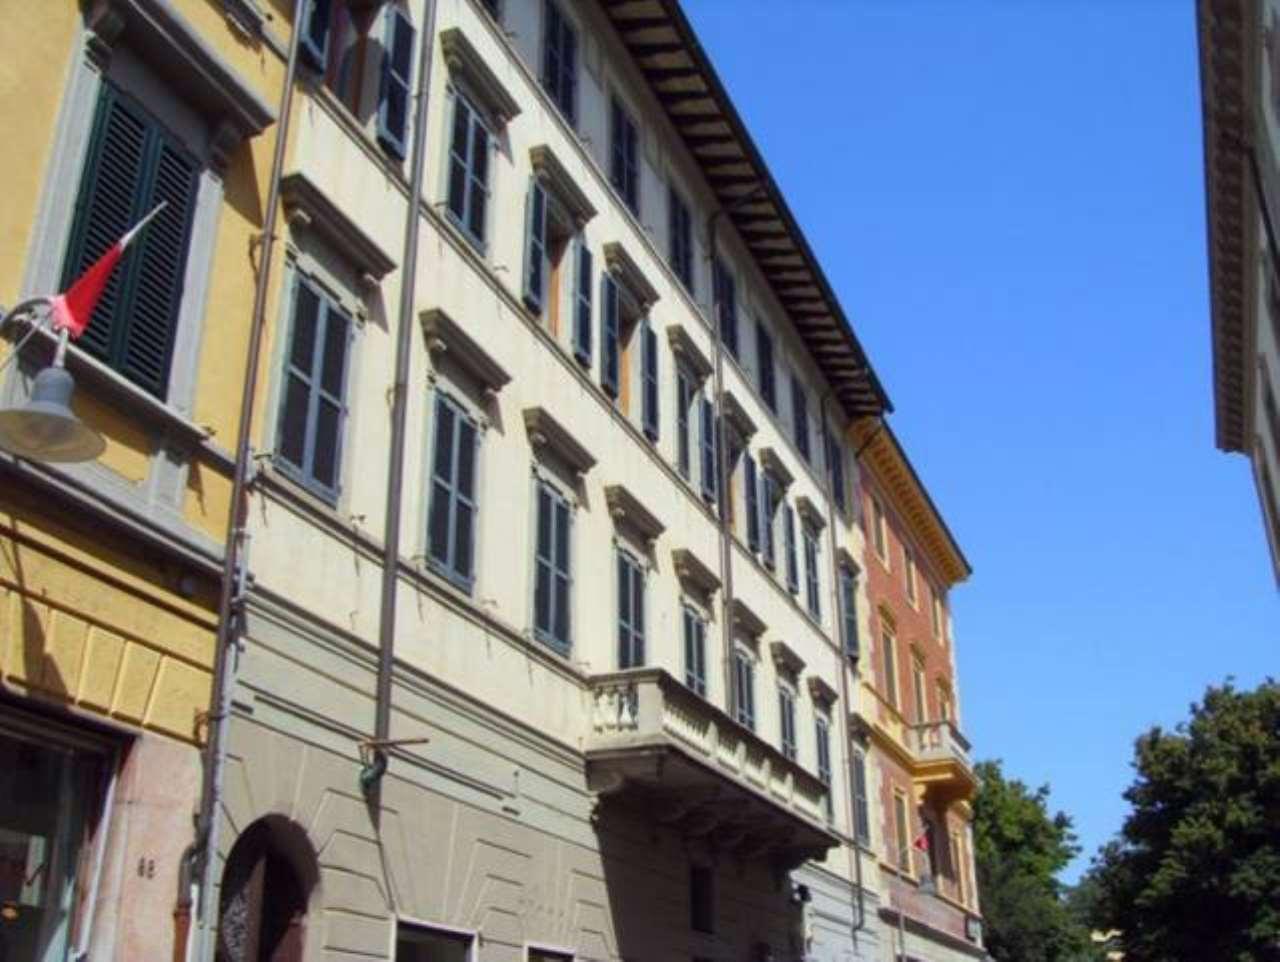 Palazzo / Stabile in vendita a Grosseto, 6 locali, Trattative riservate | CambioCasa.it